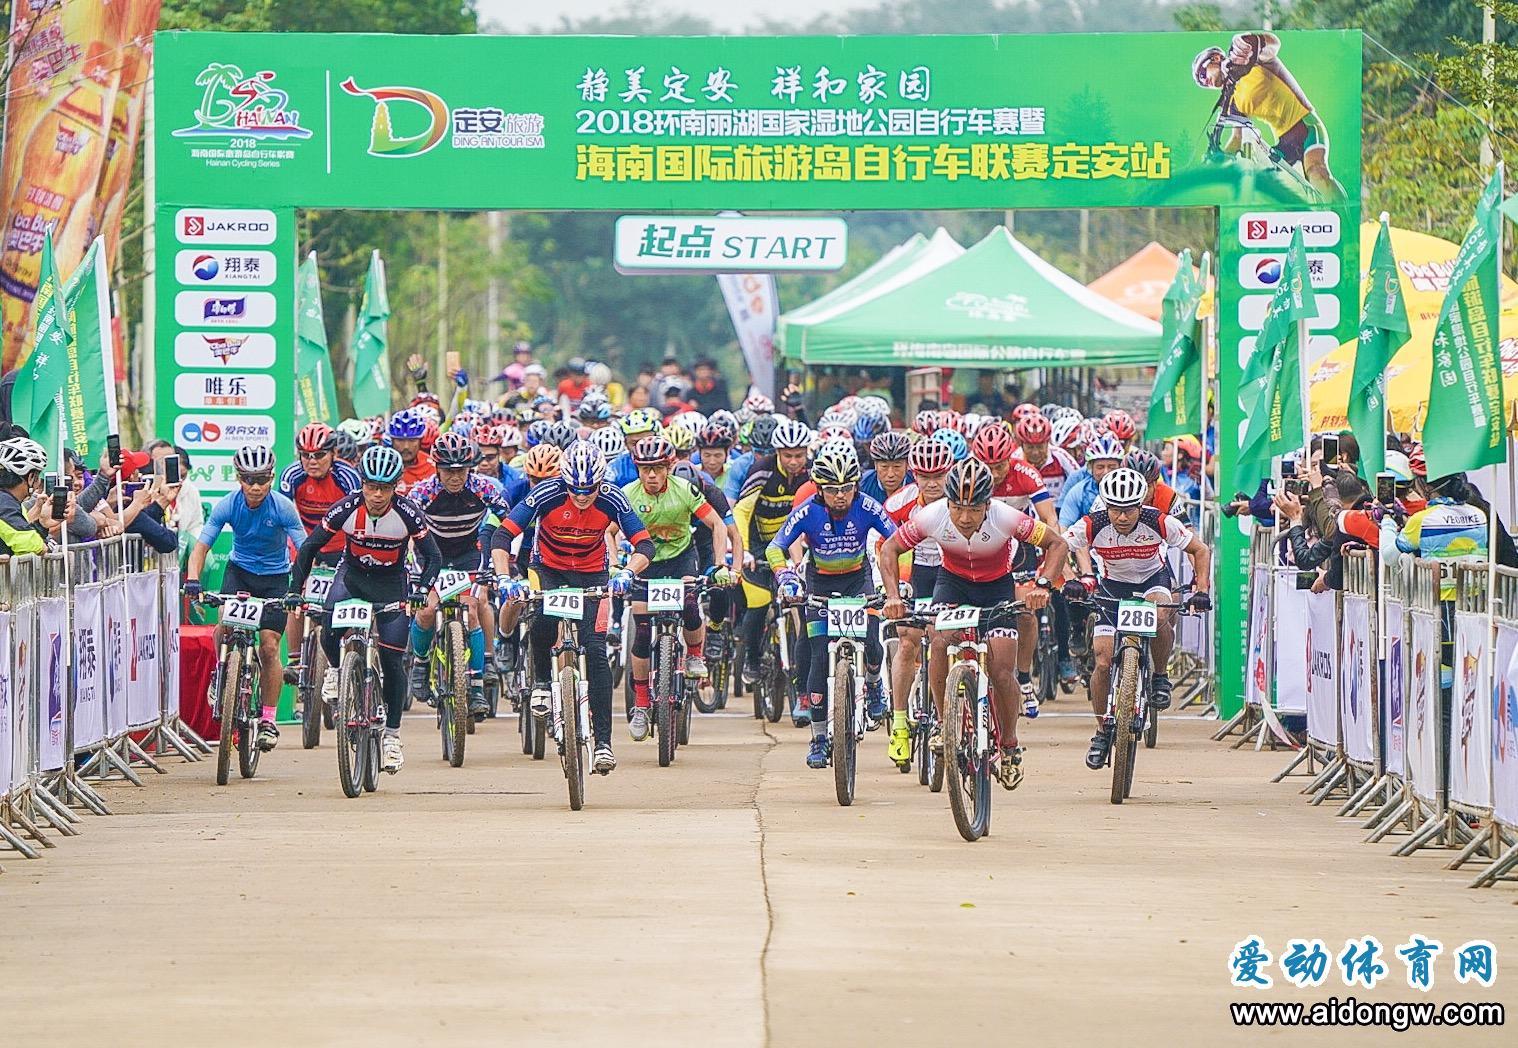 2018环南丽湖国家湿地公园自行车赛暨海南国际旅游岛自行车联赛定安开赛